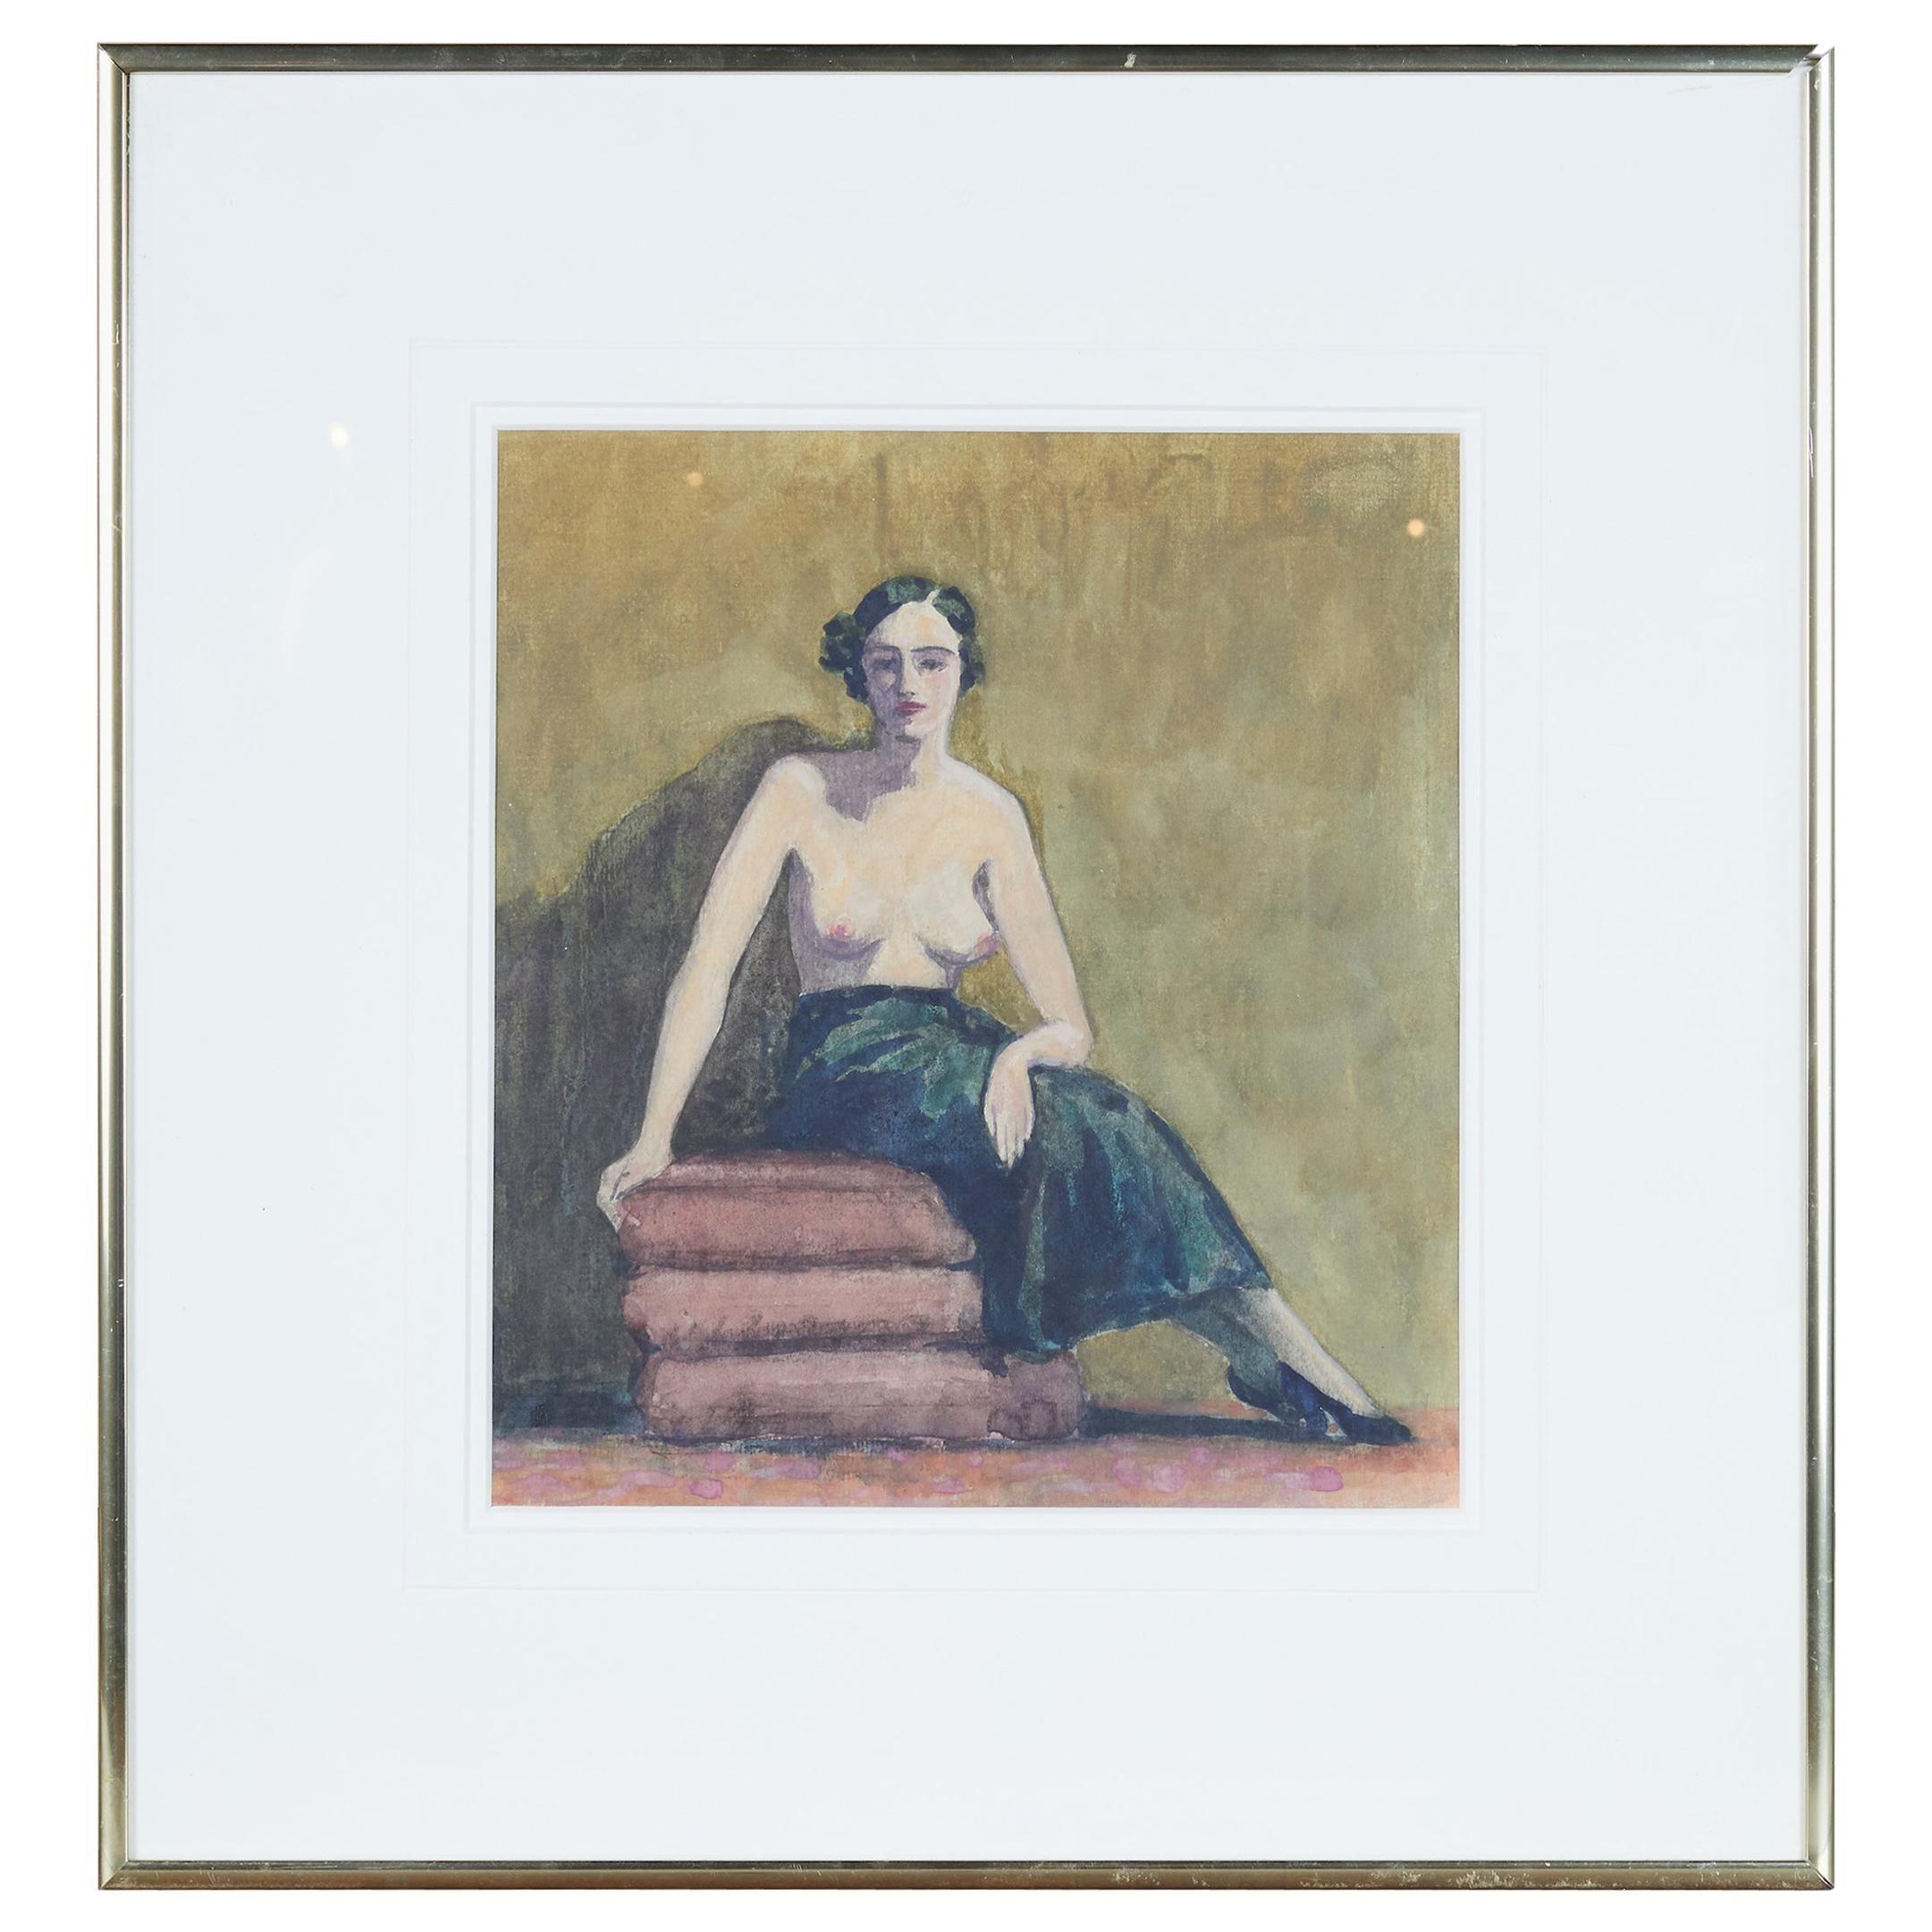 Watercolor of a Semi Nude Woman by Adam Sherriff Scott